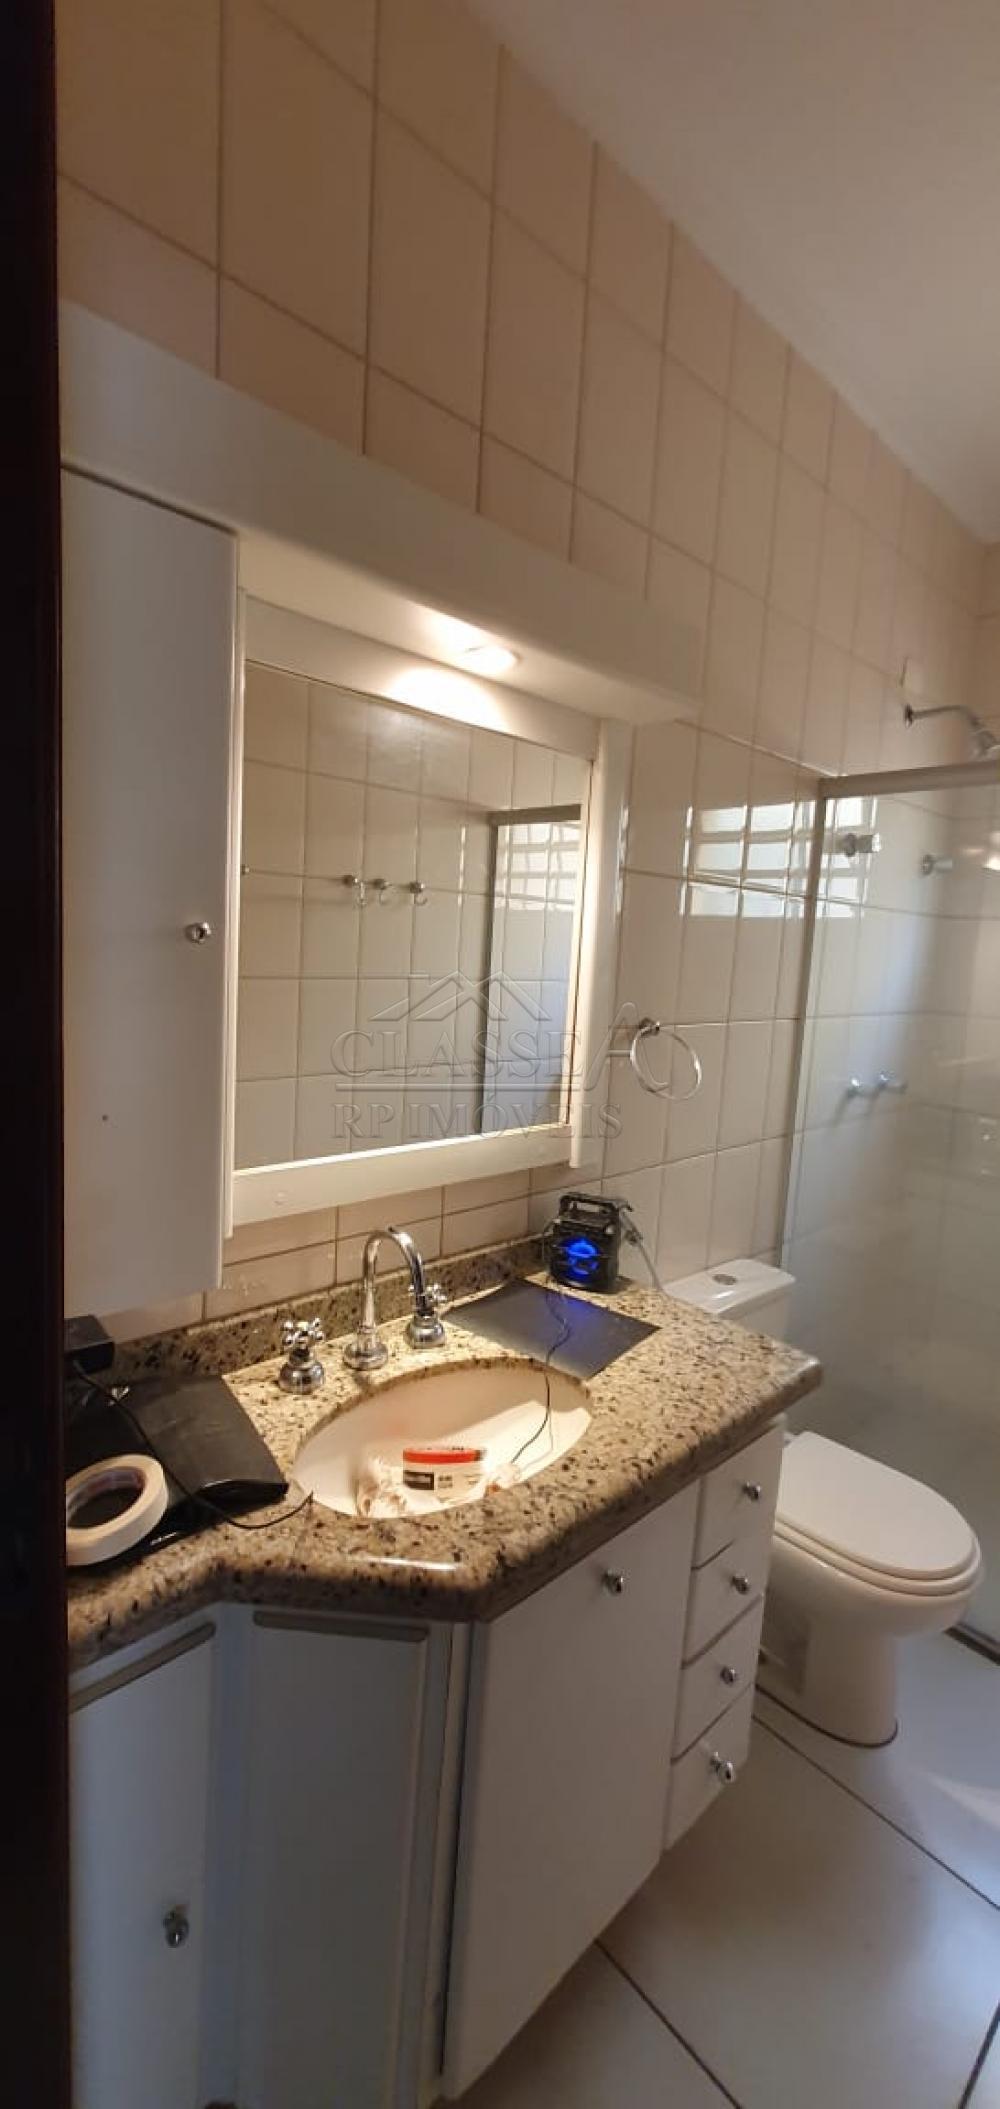 Comprar Casa / Condomínio - térrea em Ribeirão Preto R$ 650.000,00 - Foto 12